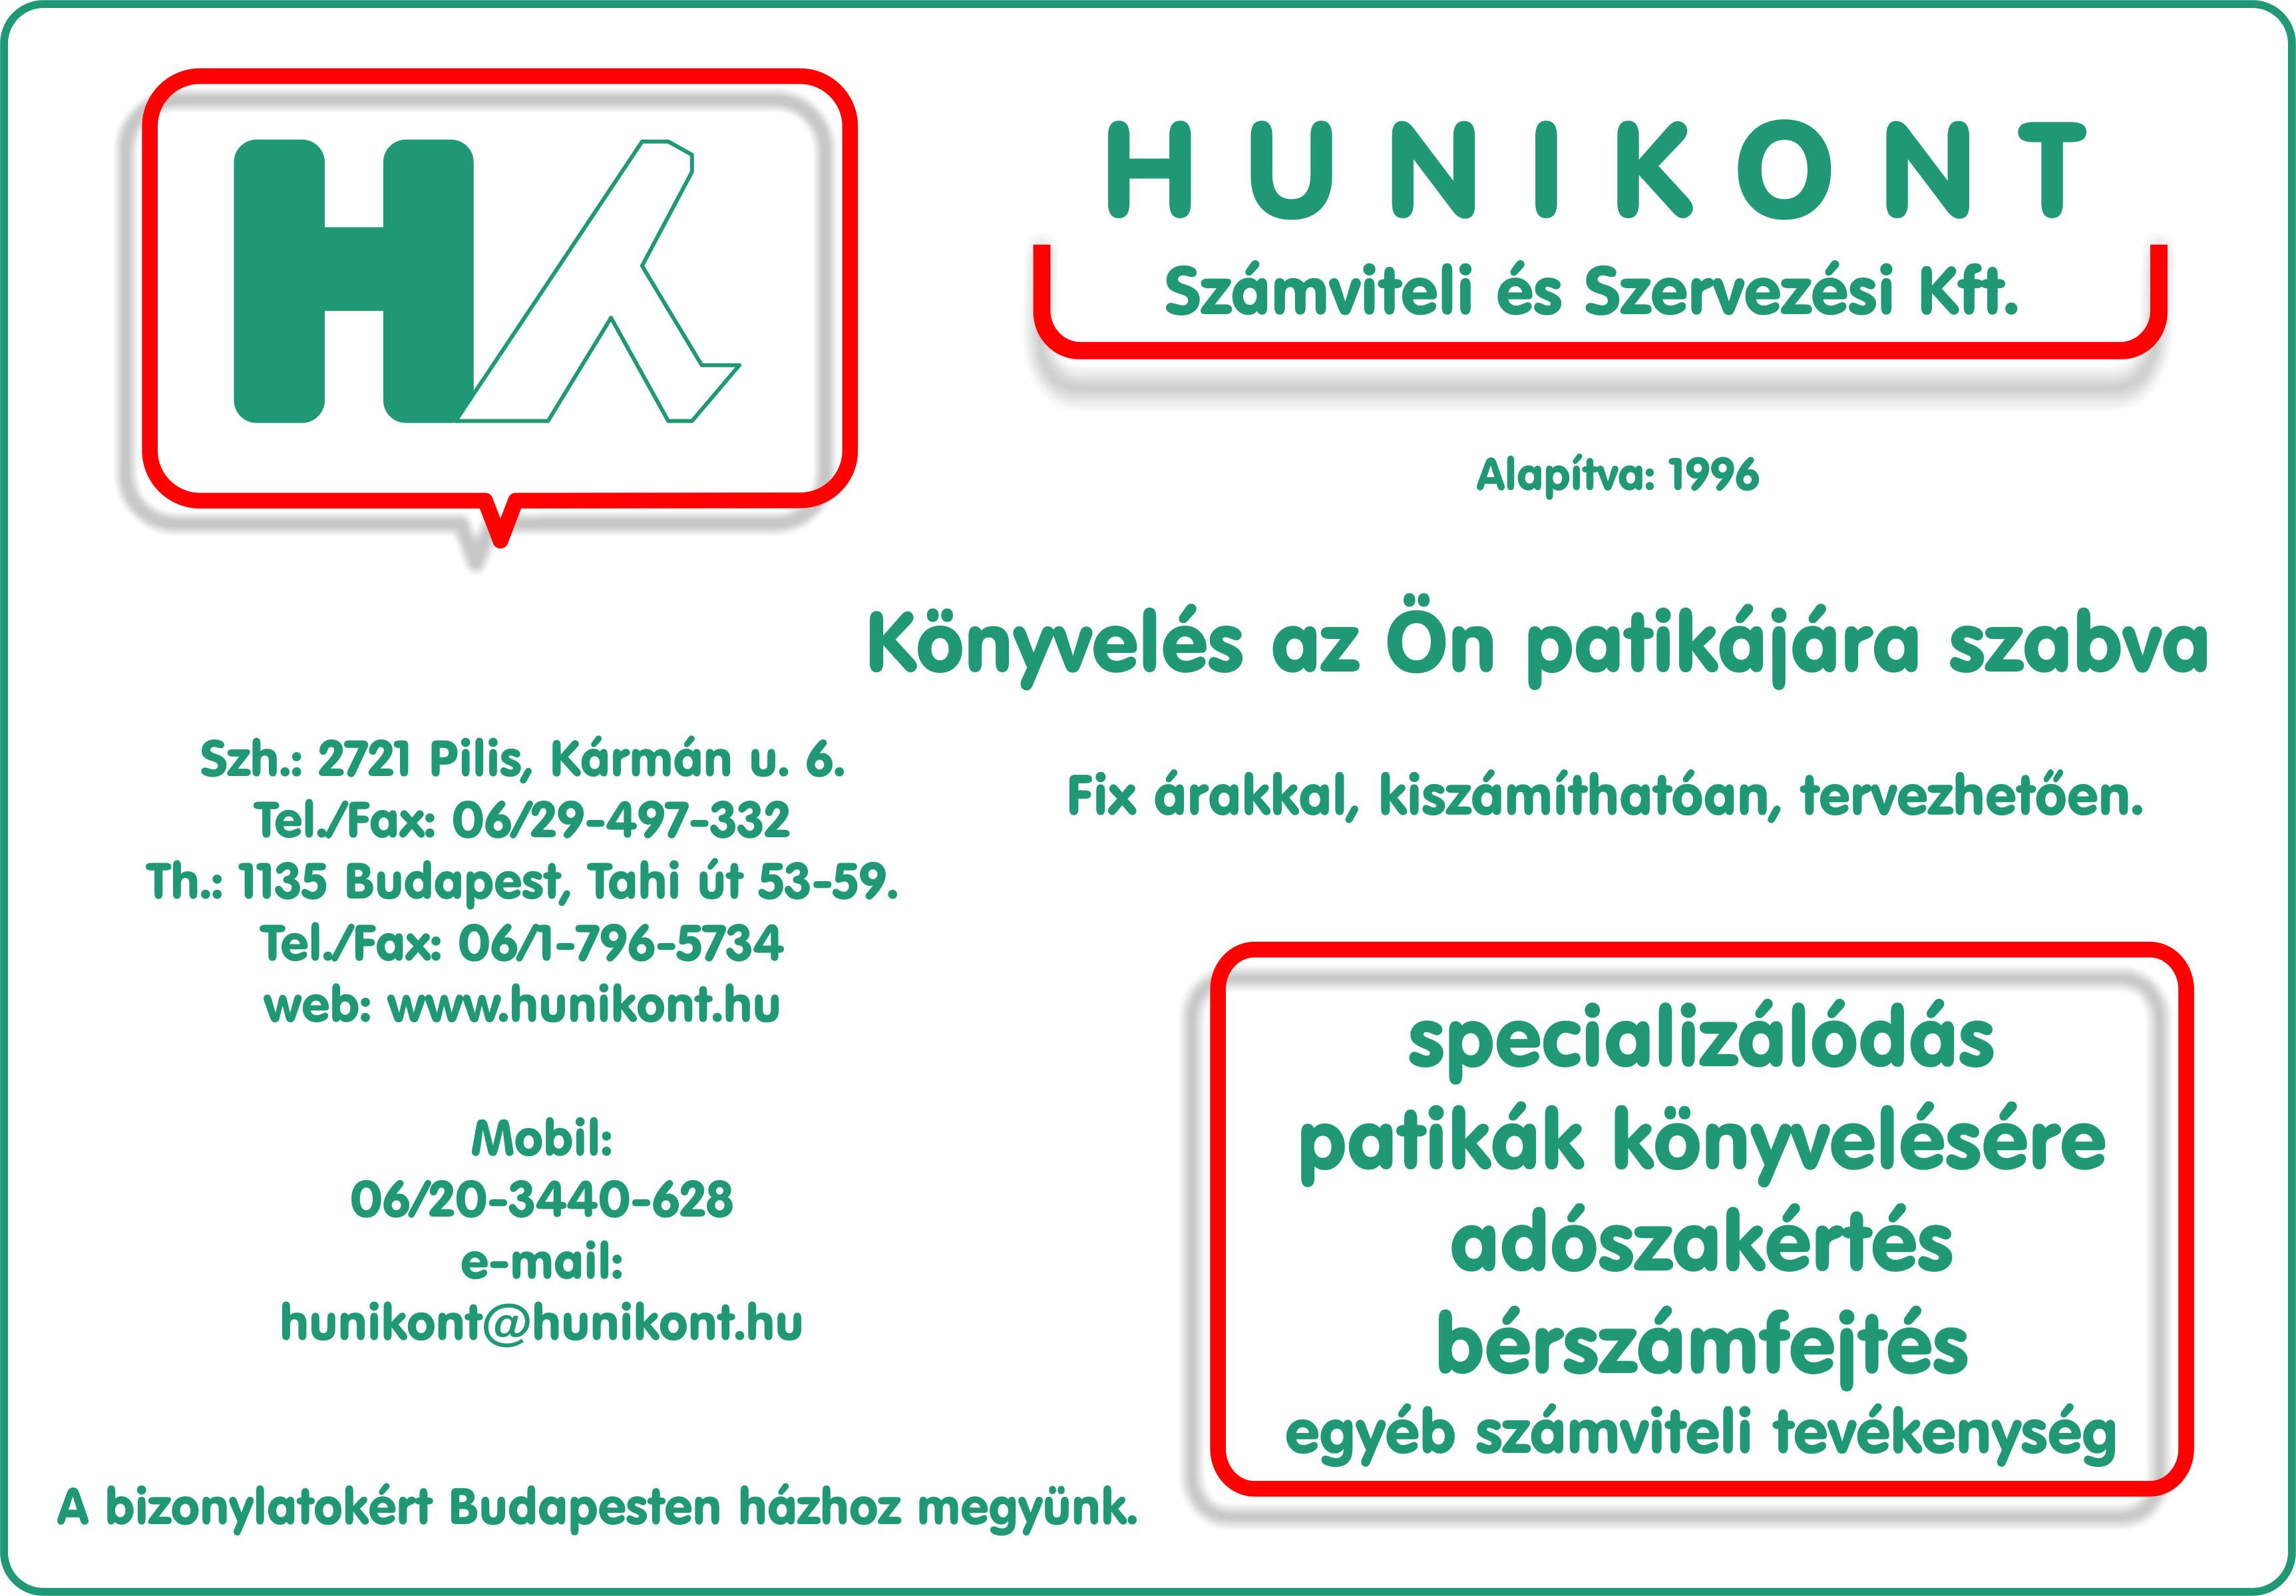 hunikont_patika